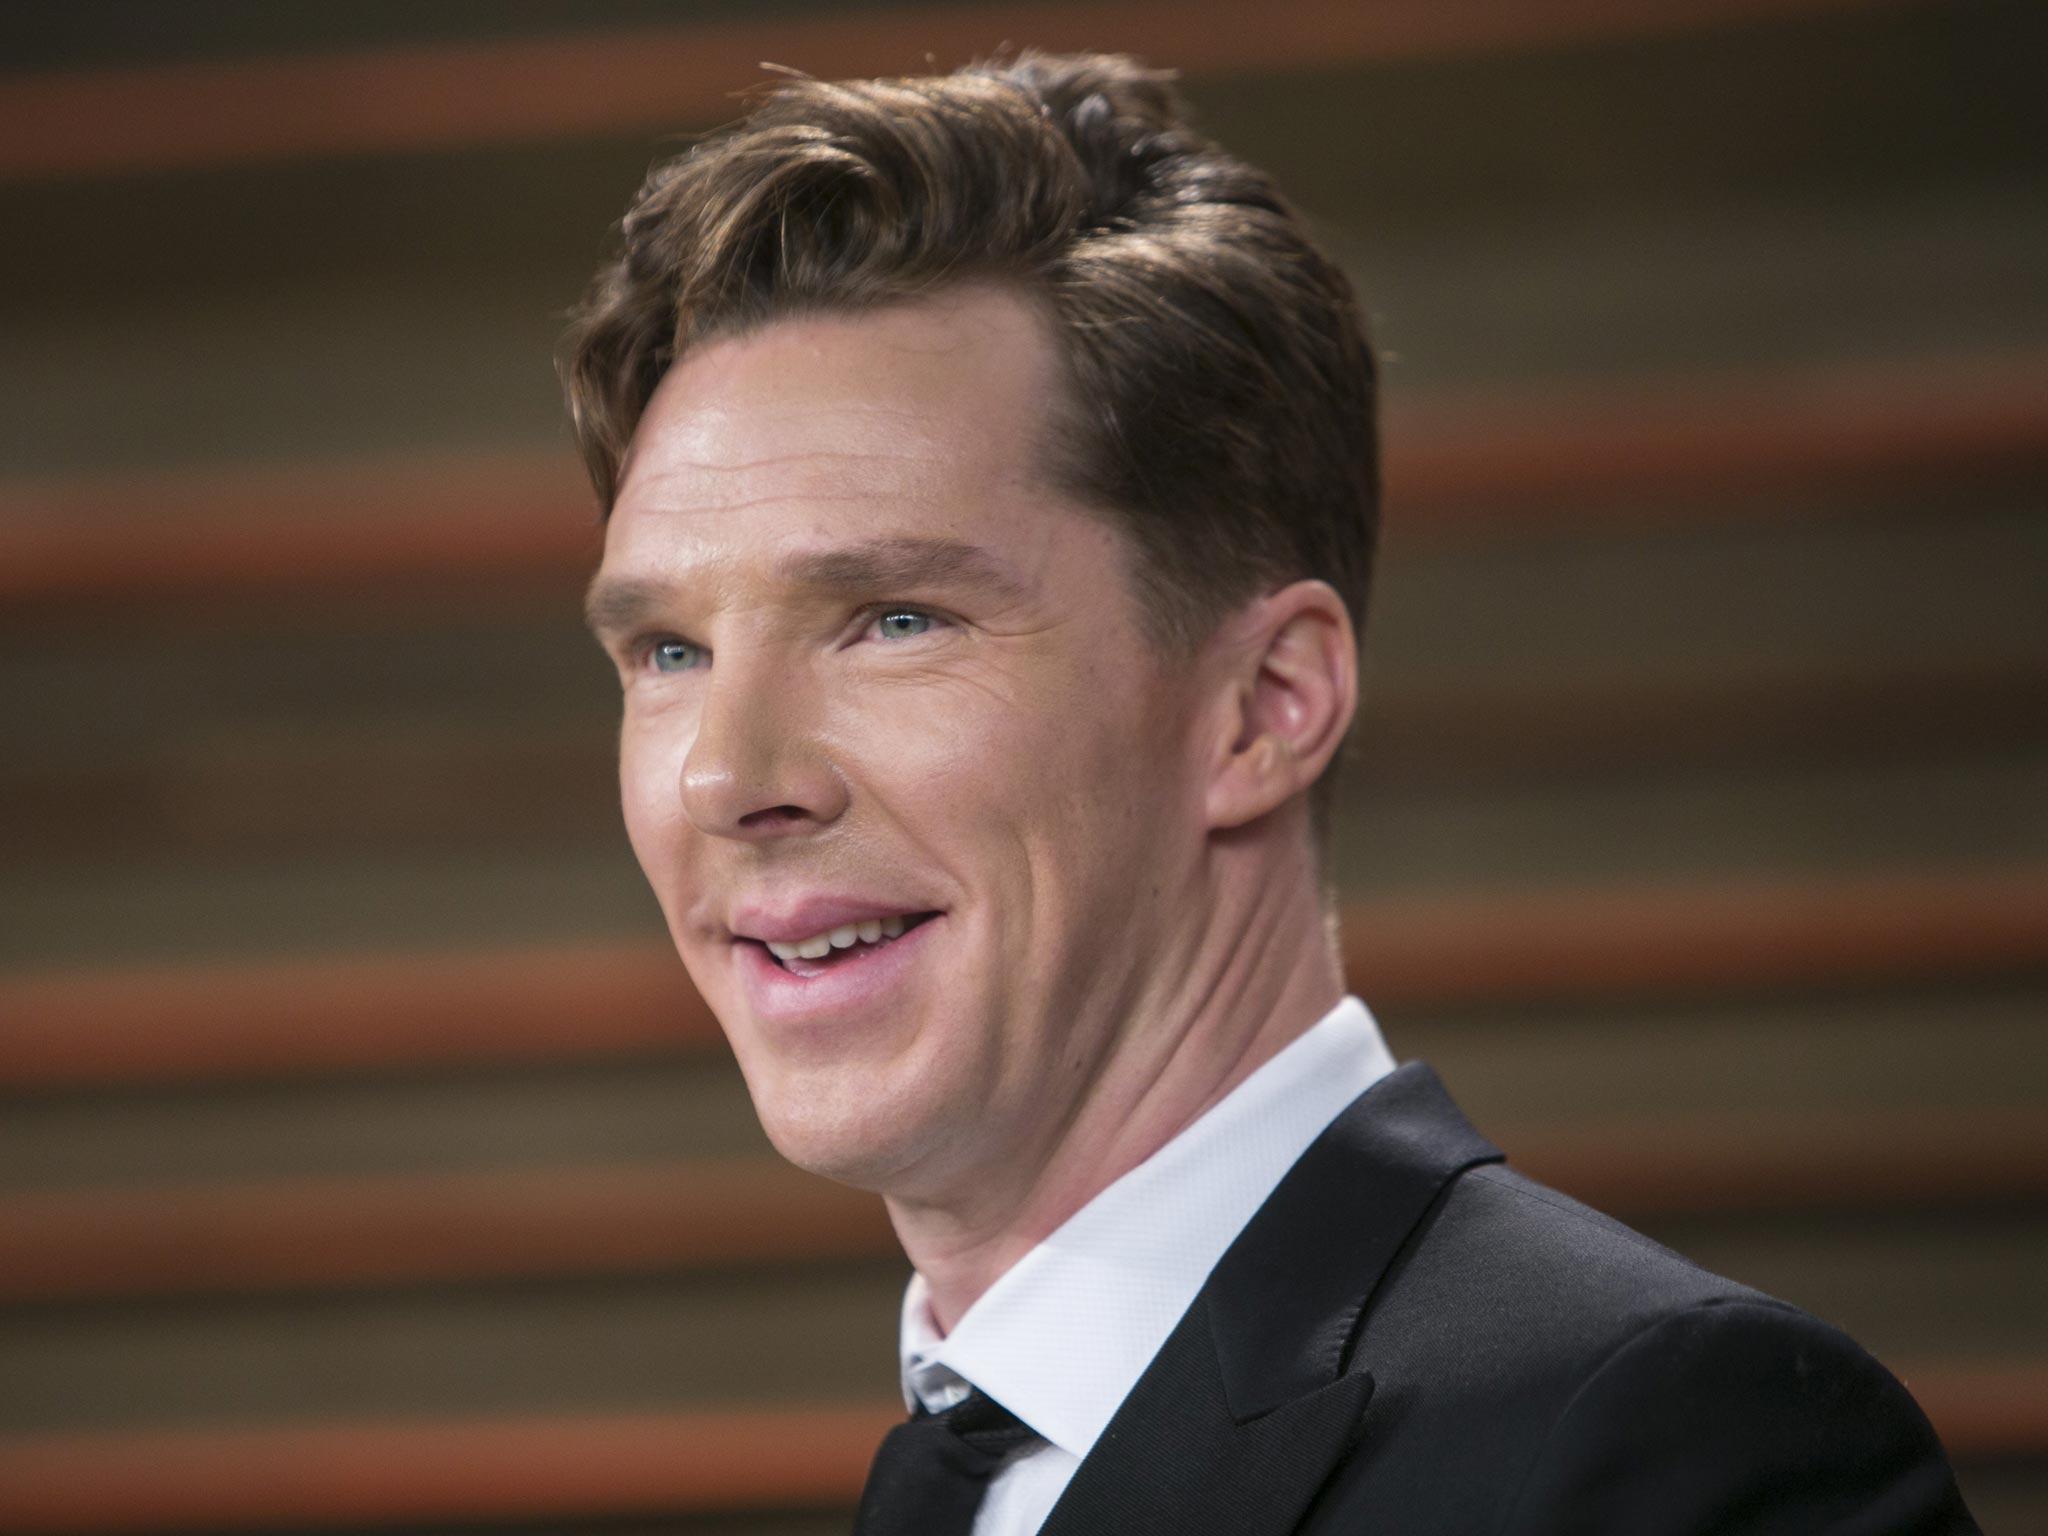 Amanda Abbington Sexy benedict cumberbatch wins best actor at tv choice awards as